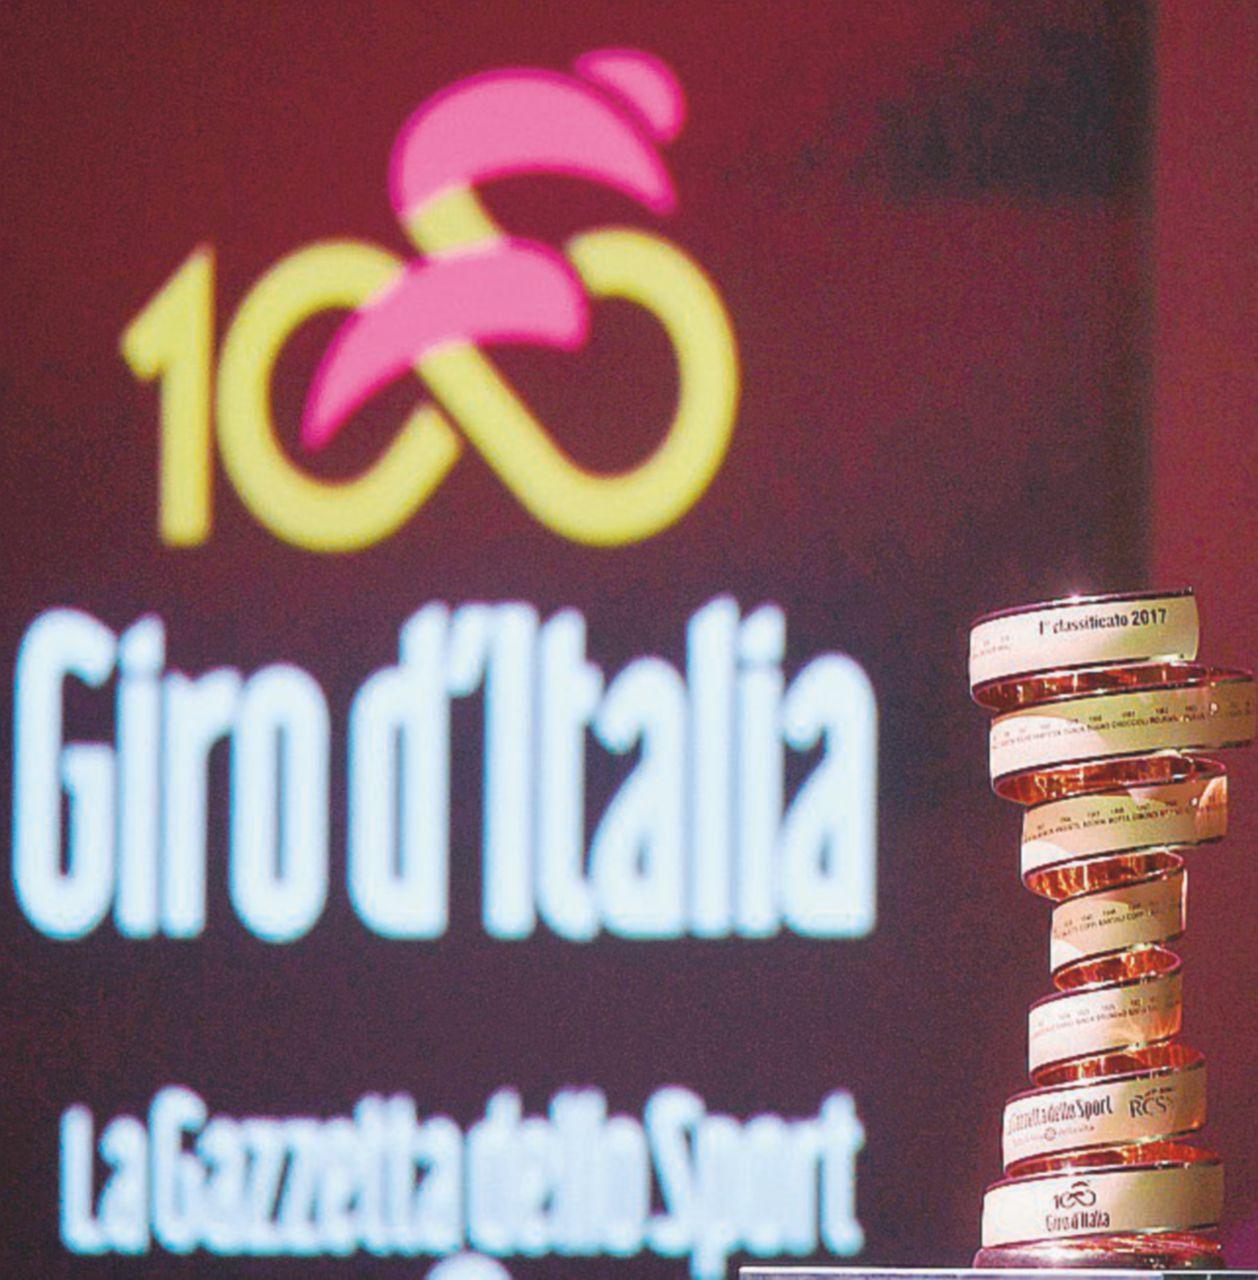 Il Giro d'Italia numero 100 snobba il ciclismo azzurro e omaggia Putin